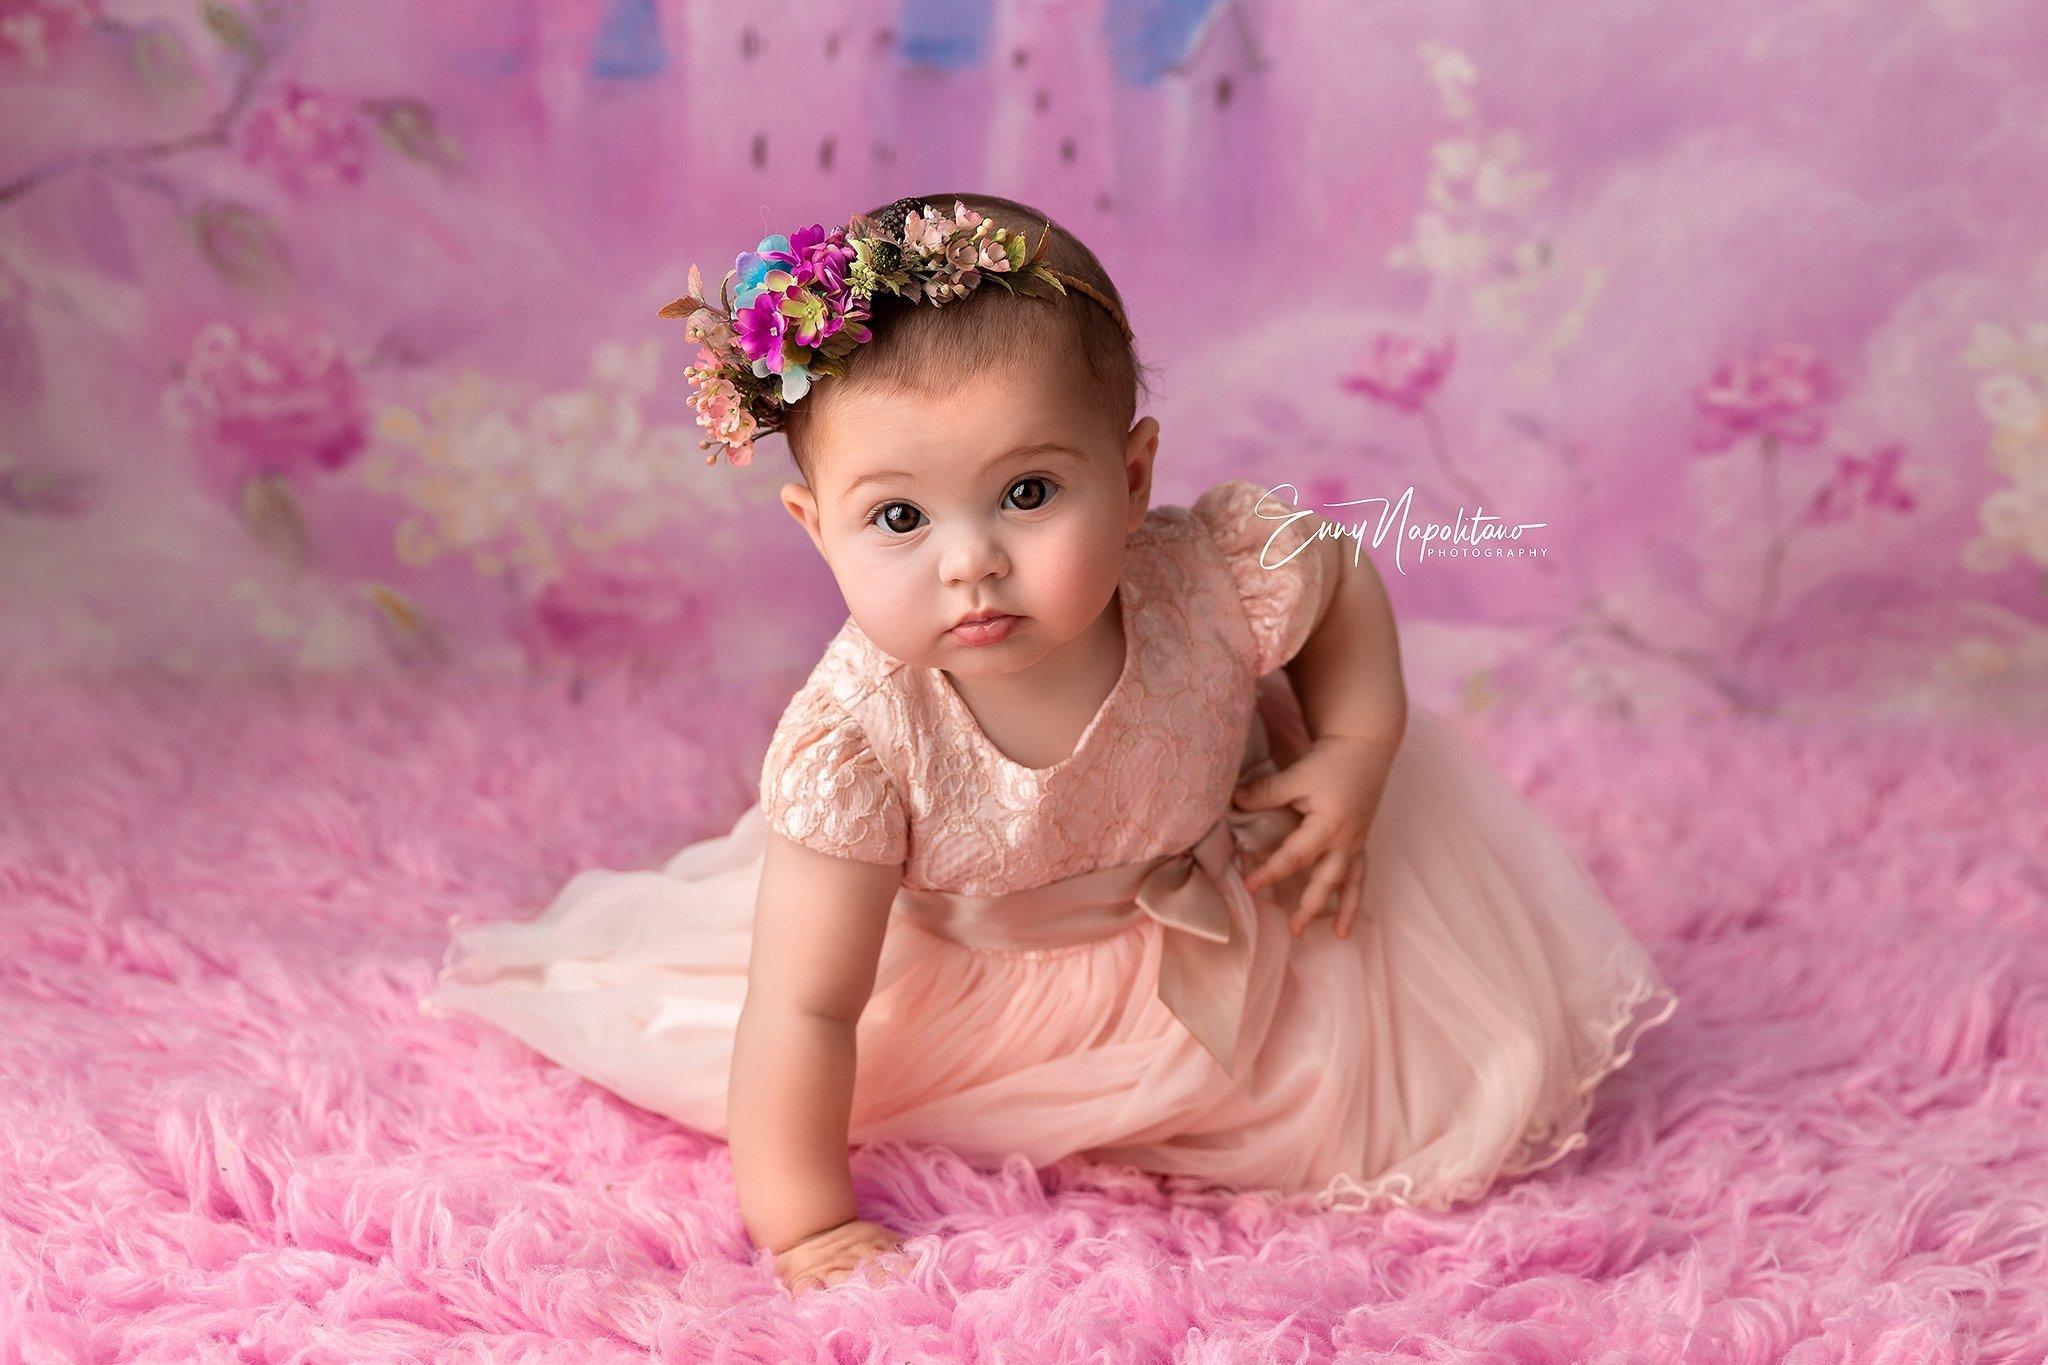 Fotografia di una bambina di 7 mesi mentre gattona in un set fotografico rosa